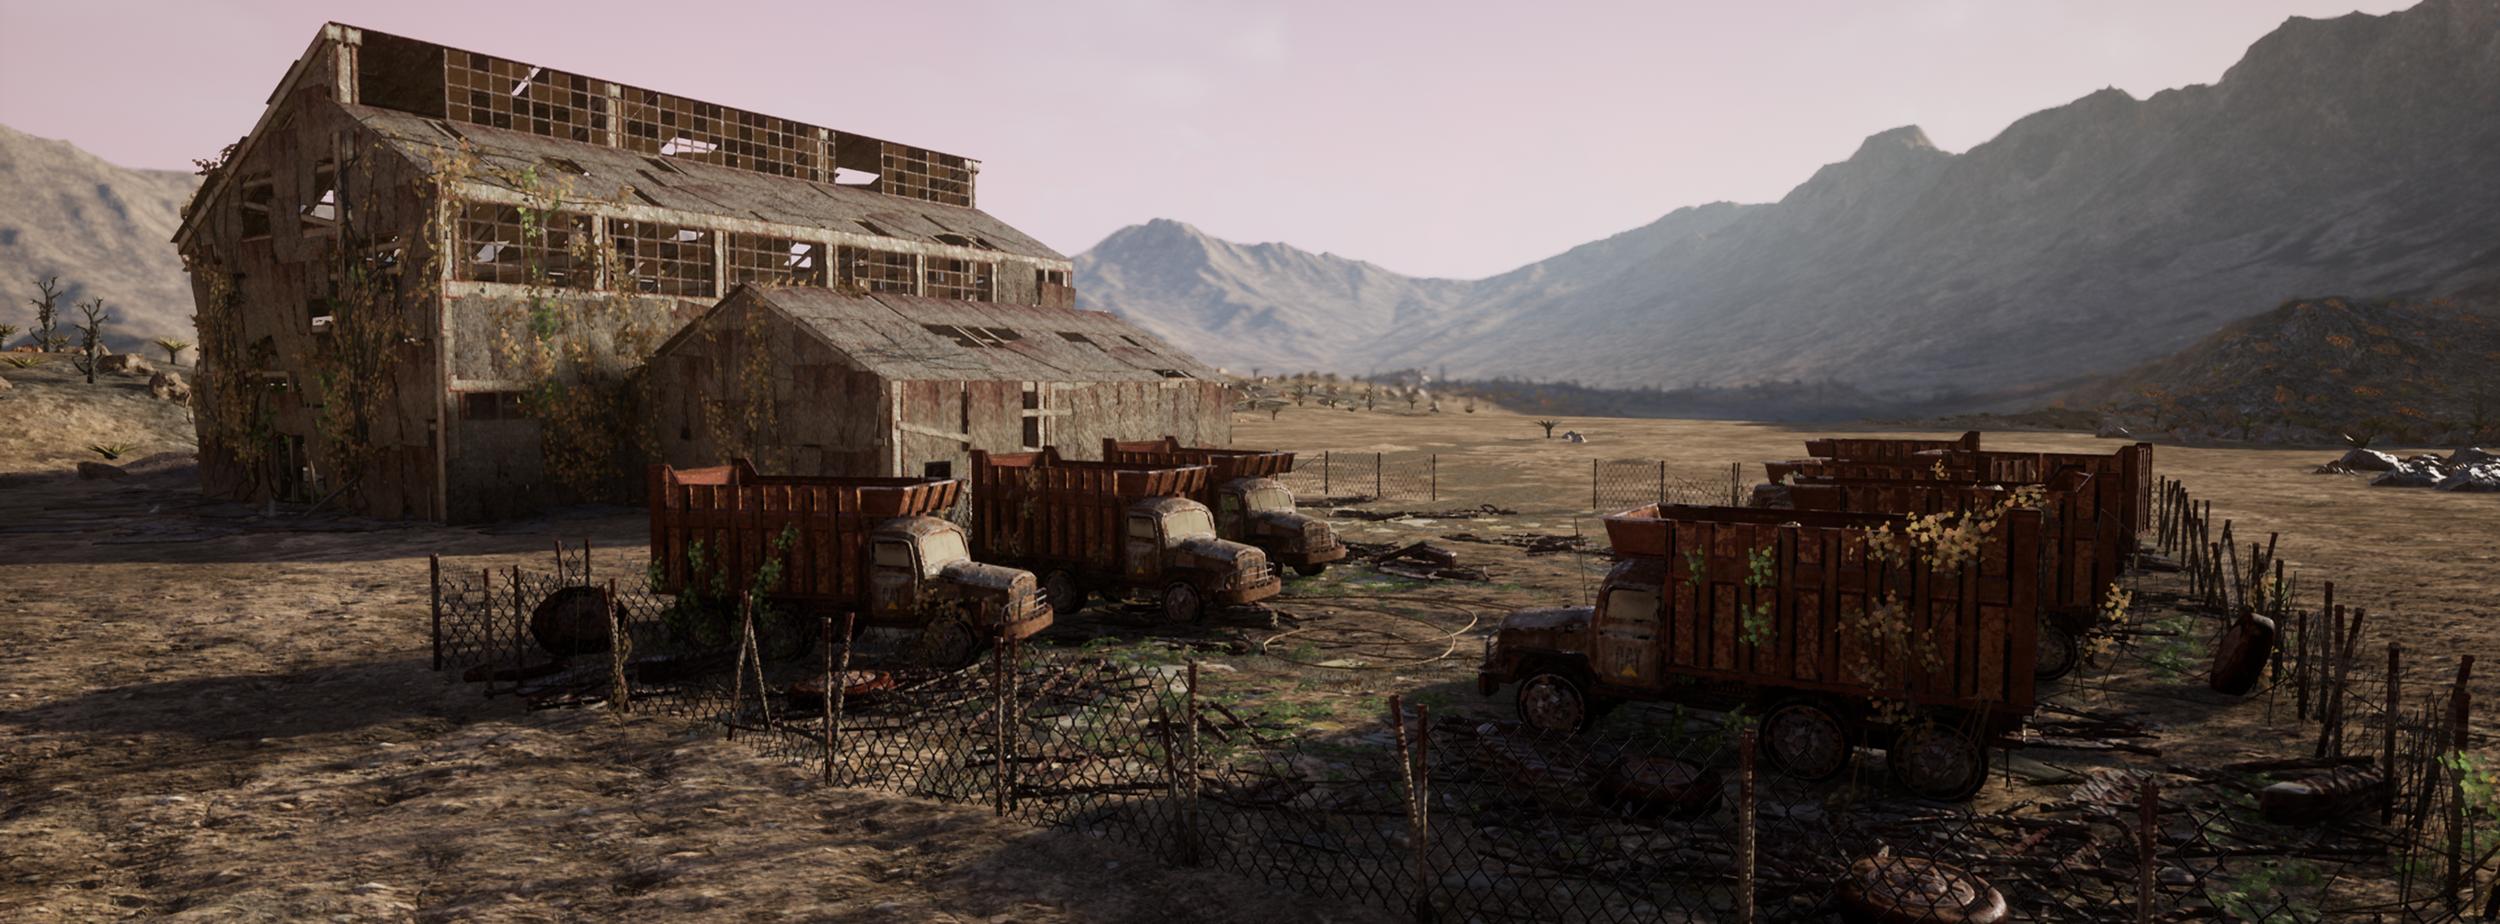 Desert warehouse -